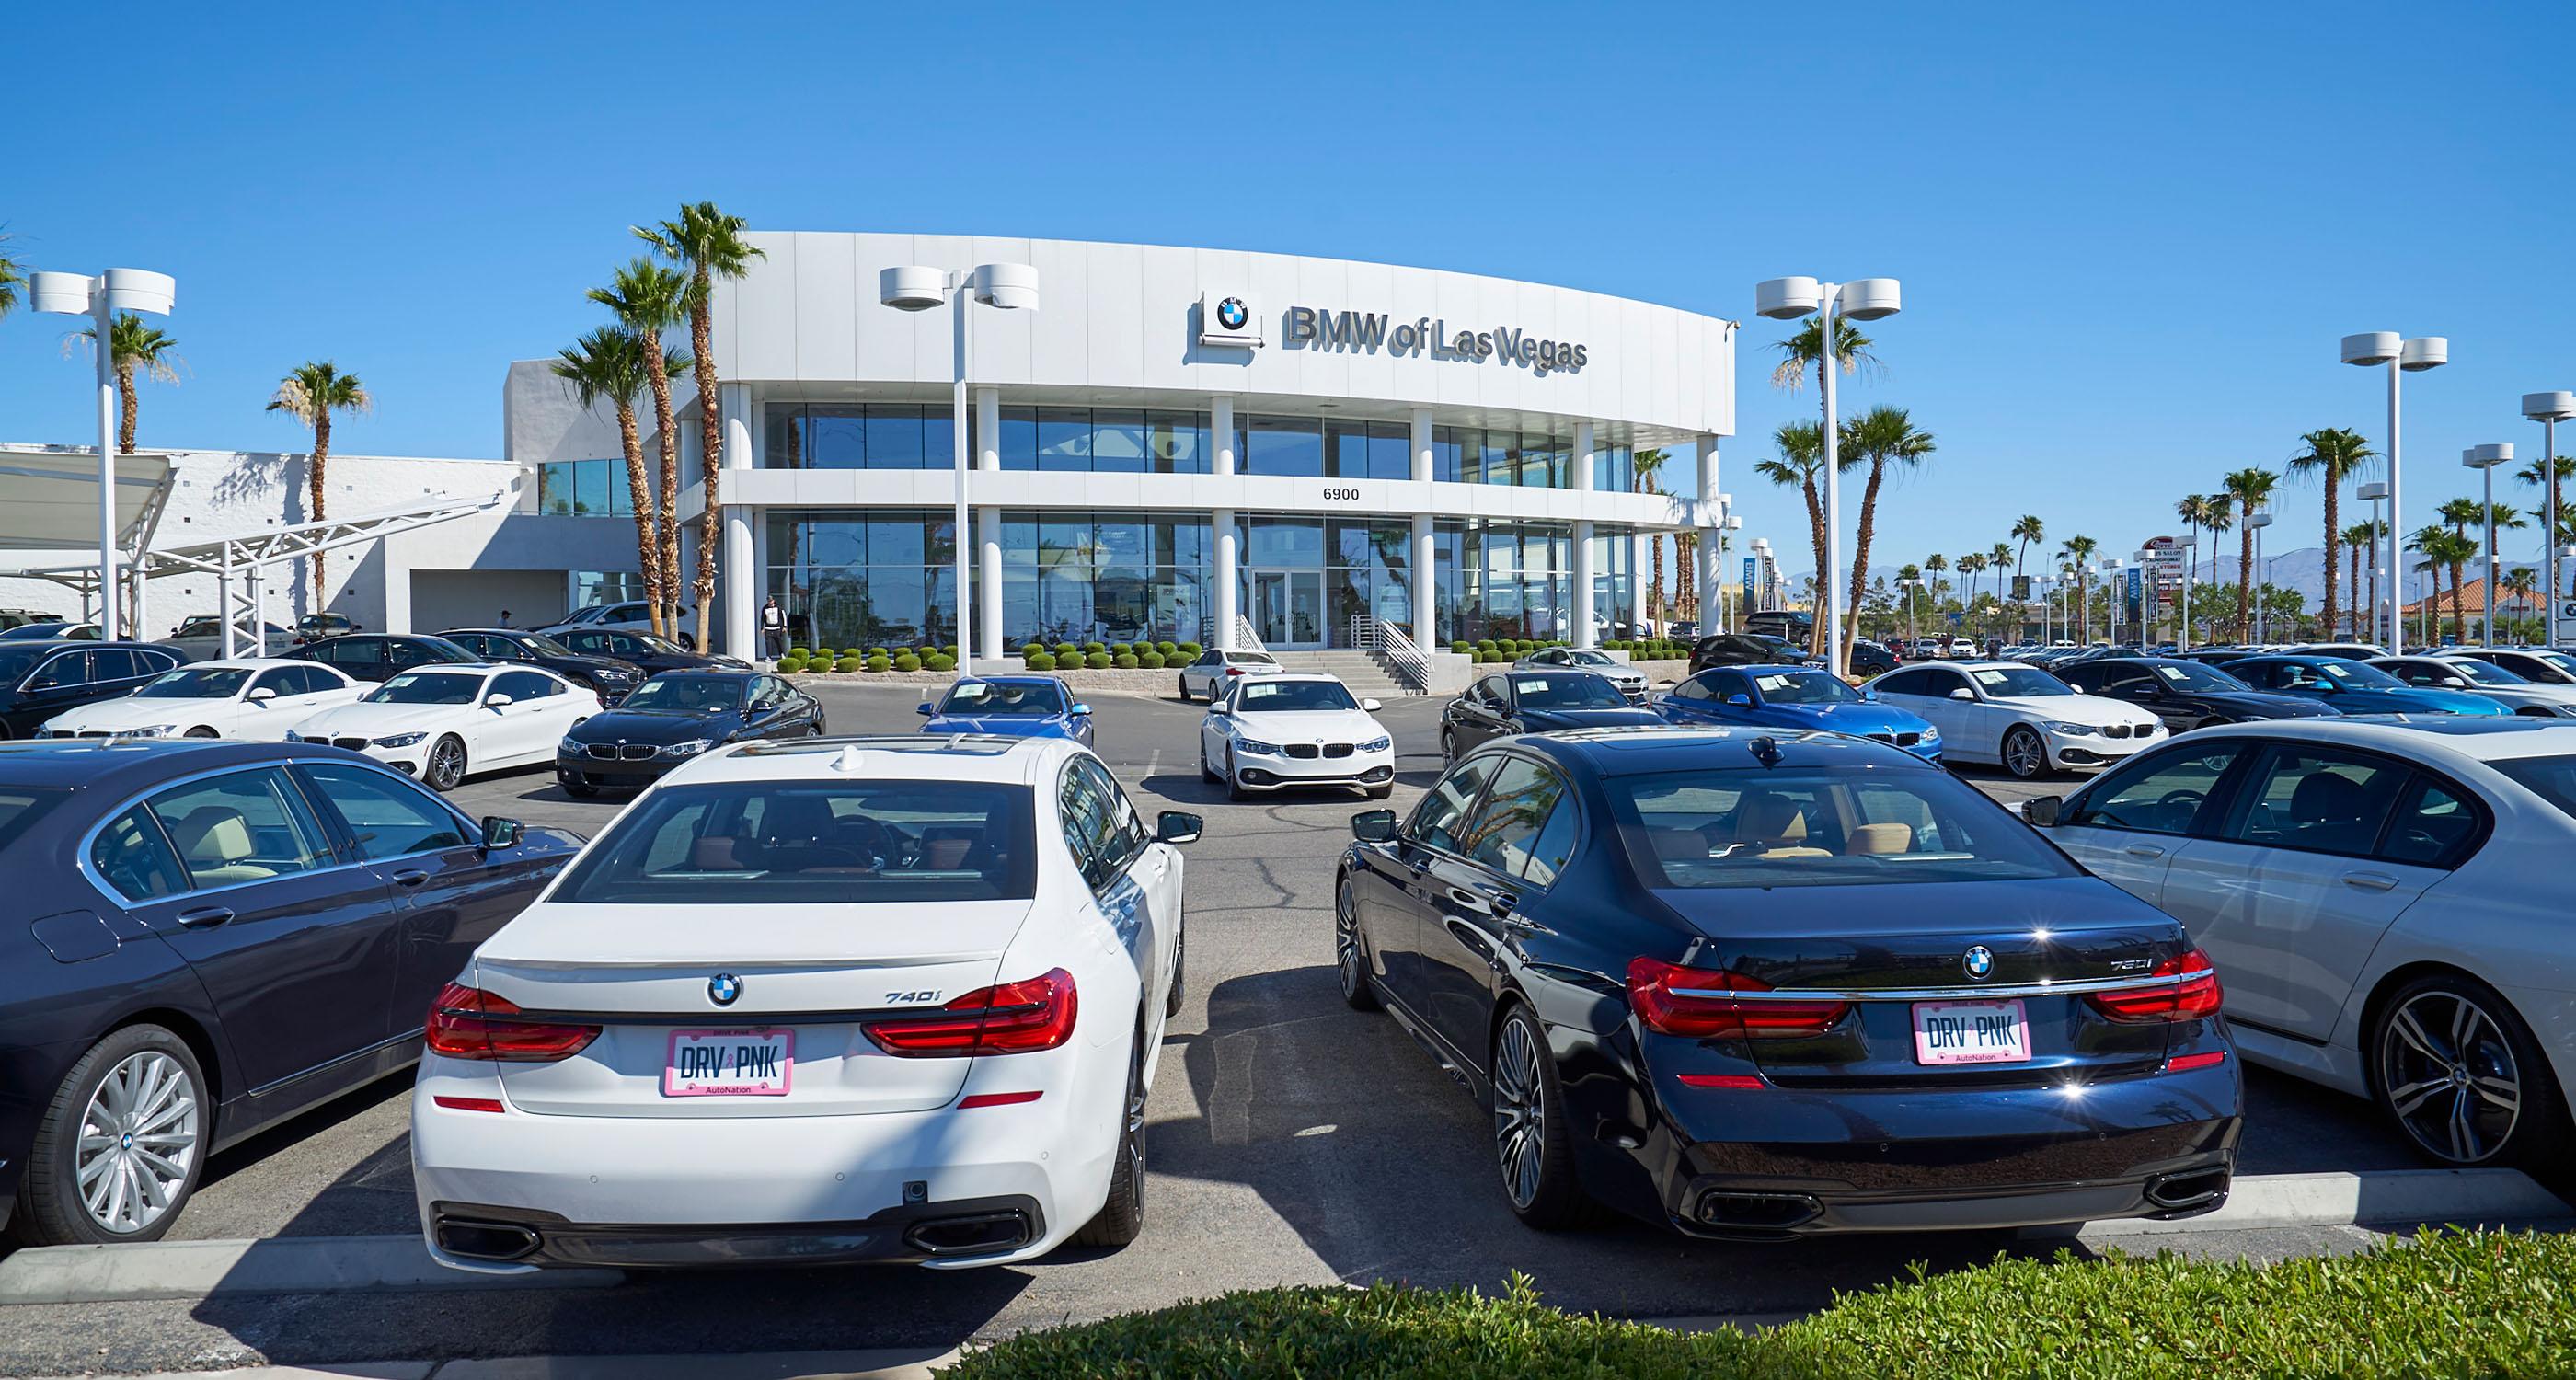 BMW Las Vegas >> Bmw Of Las Vegas Bmw Dealership Near Me In Las Vegas Nv